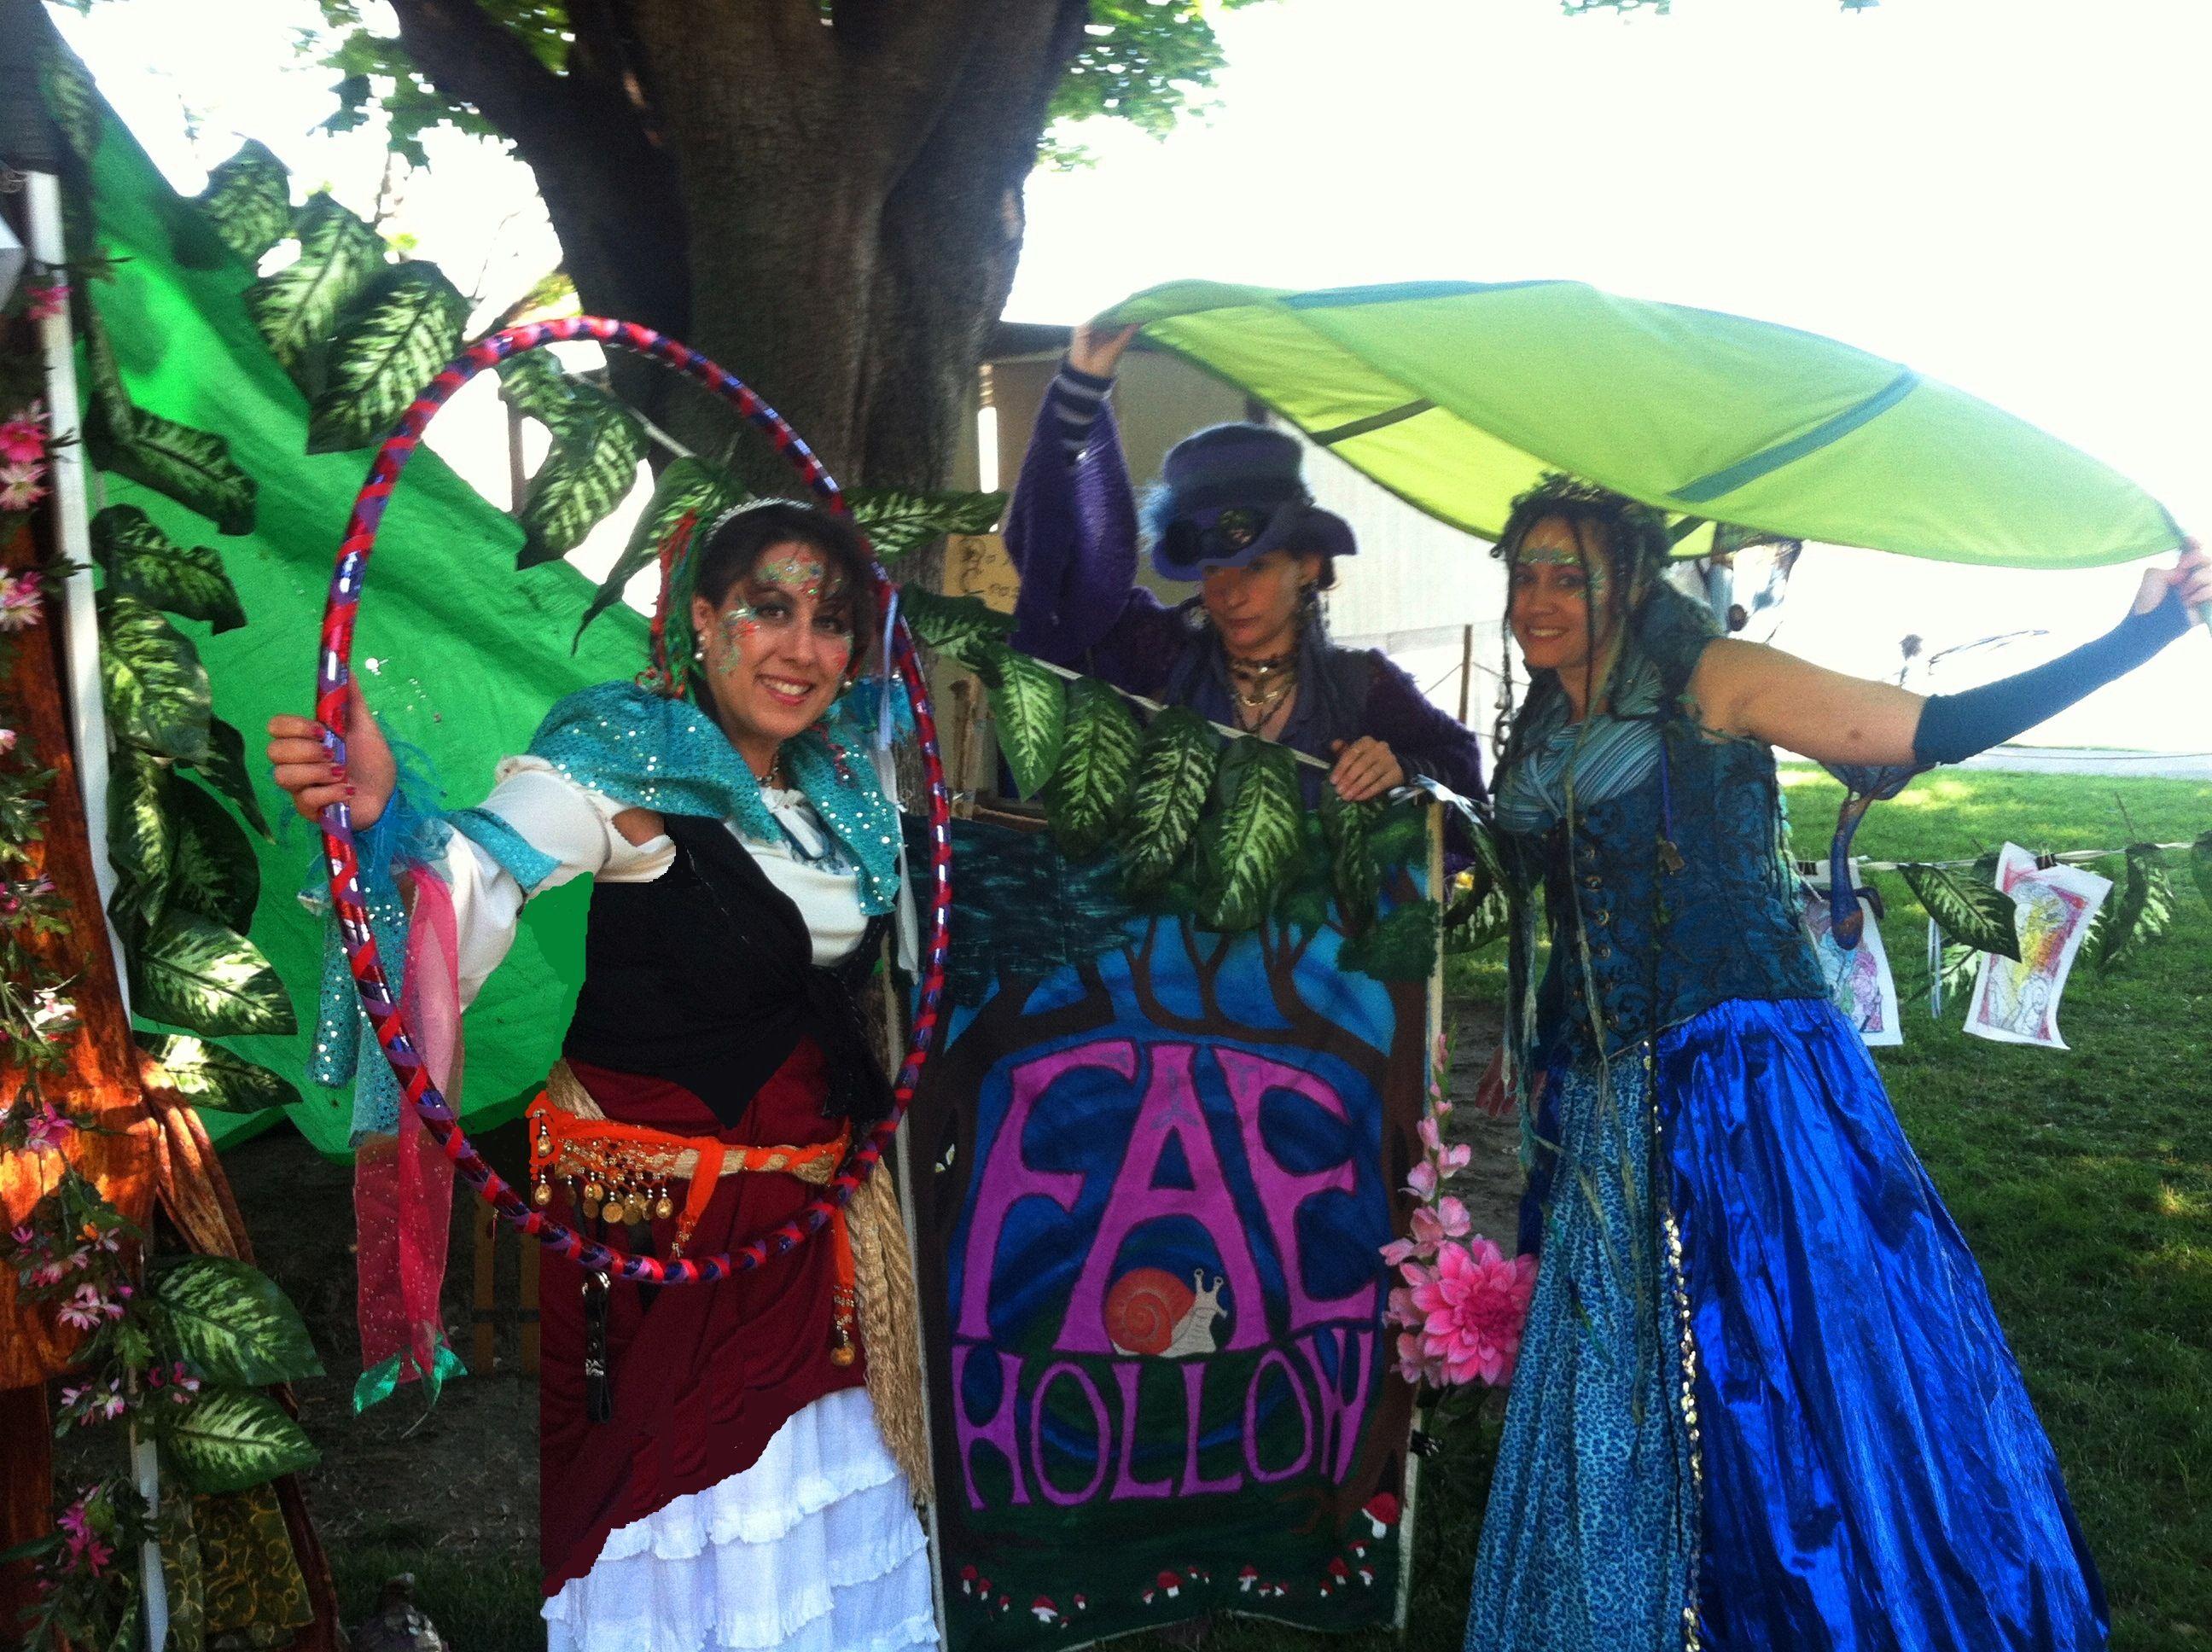 Lady La-de-dah, Breezle, Fairy Princess Lolly with our beautiful #FAE Hollow sign that Breezle painted :)